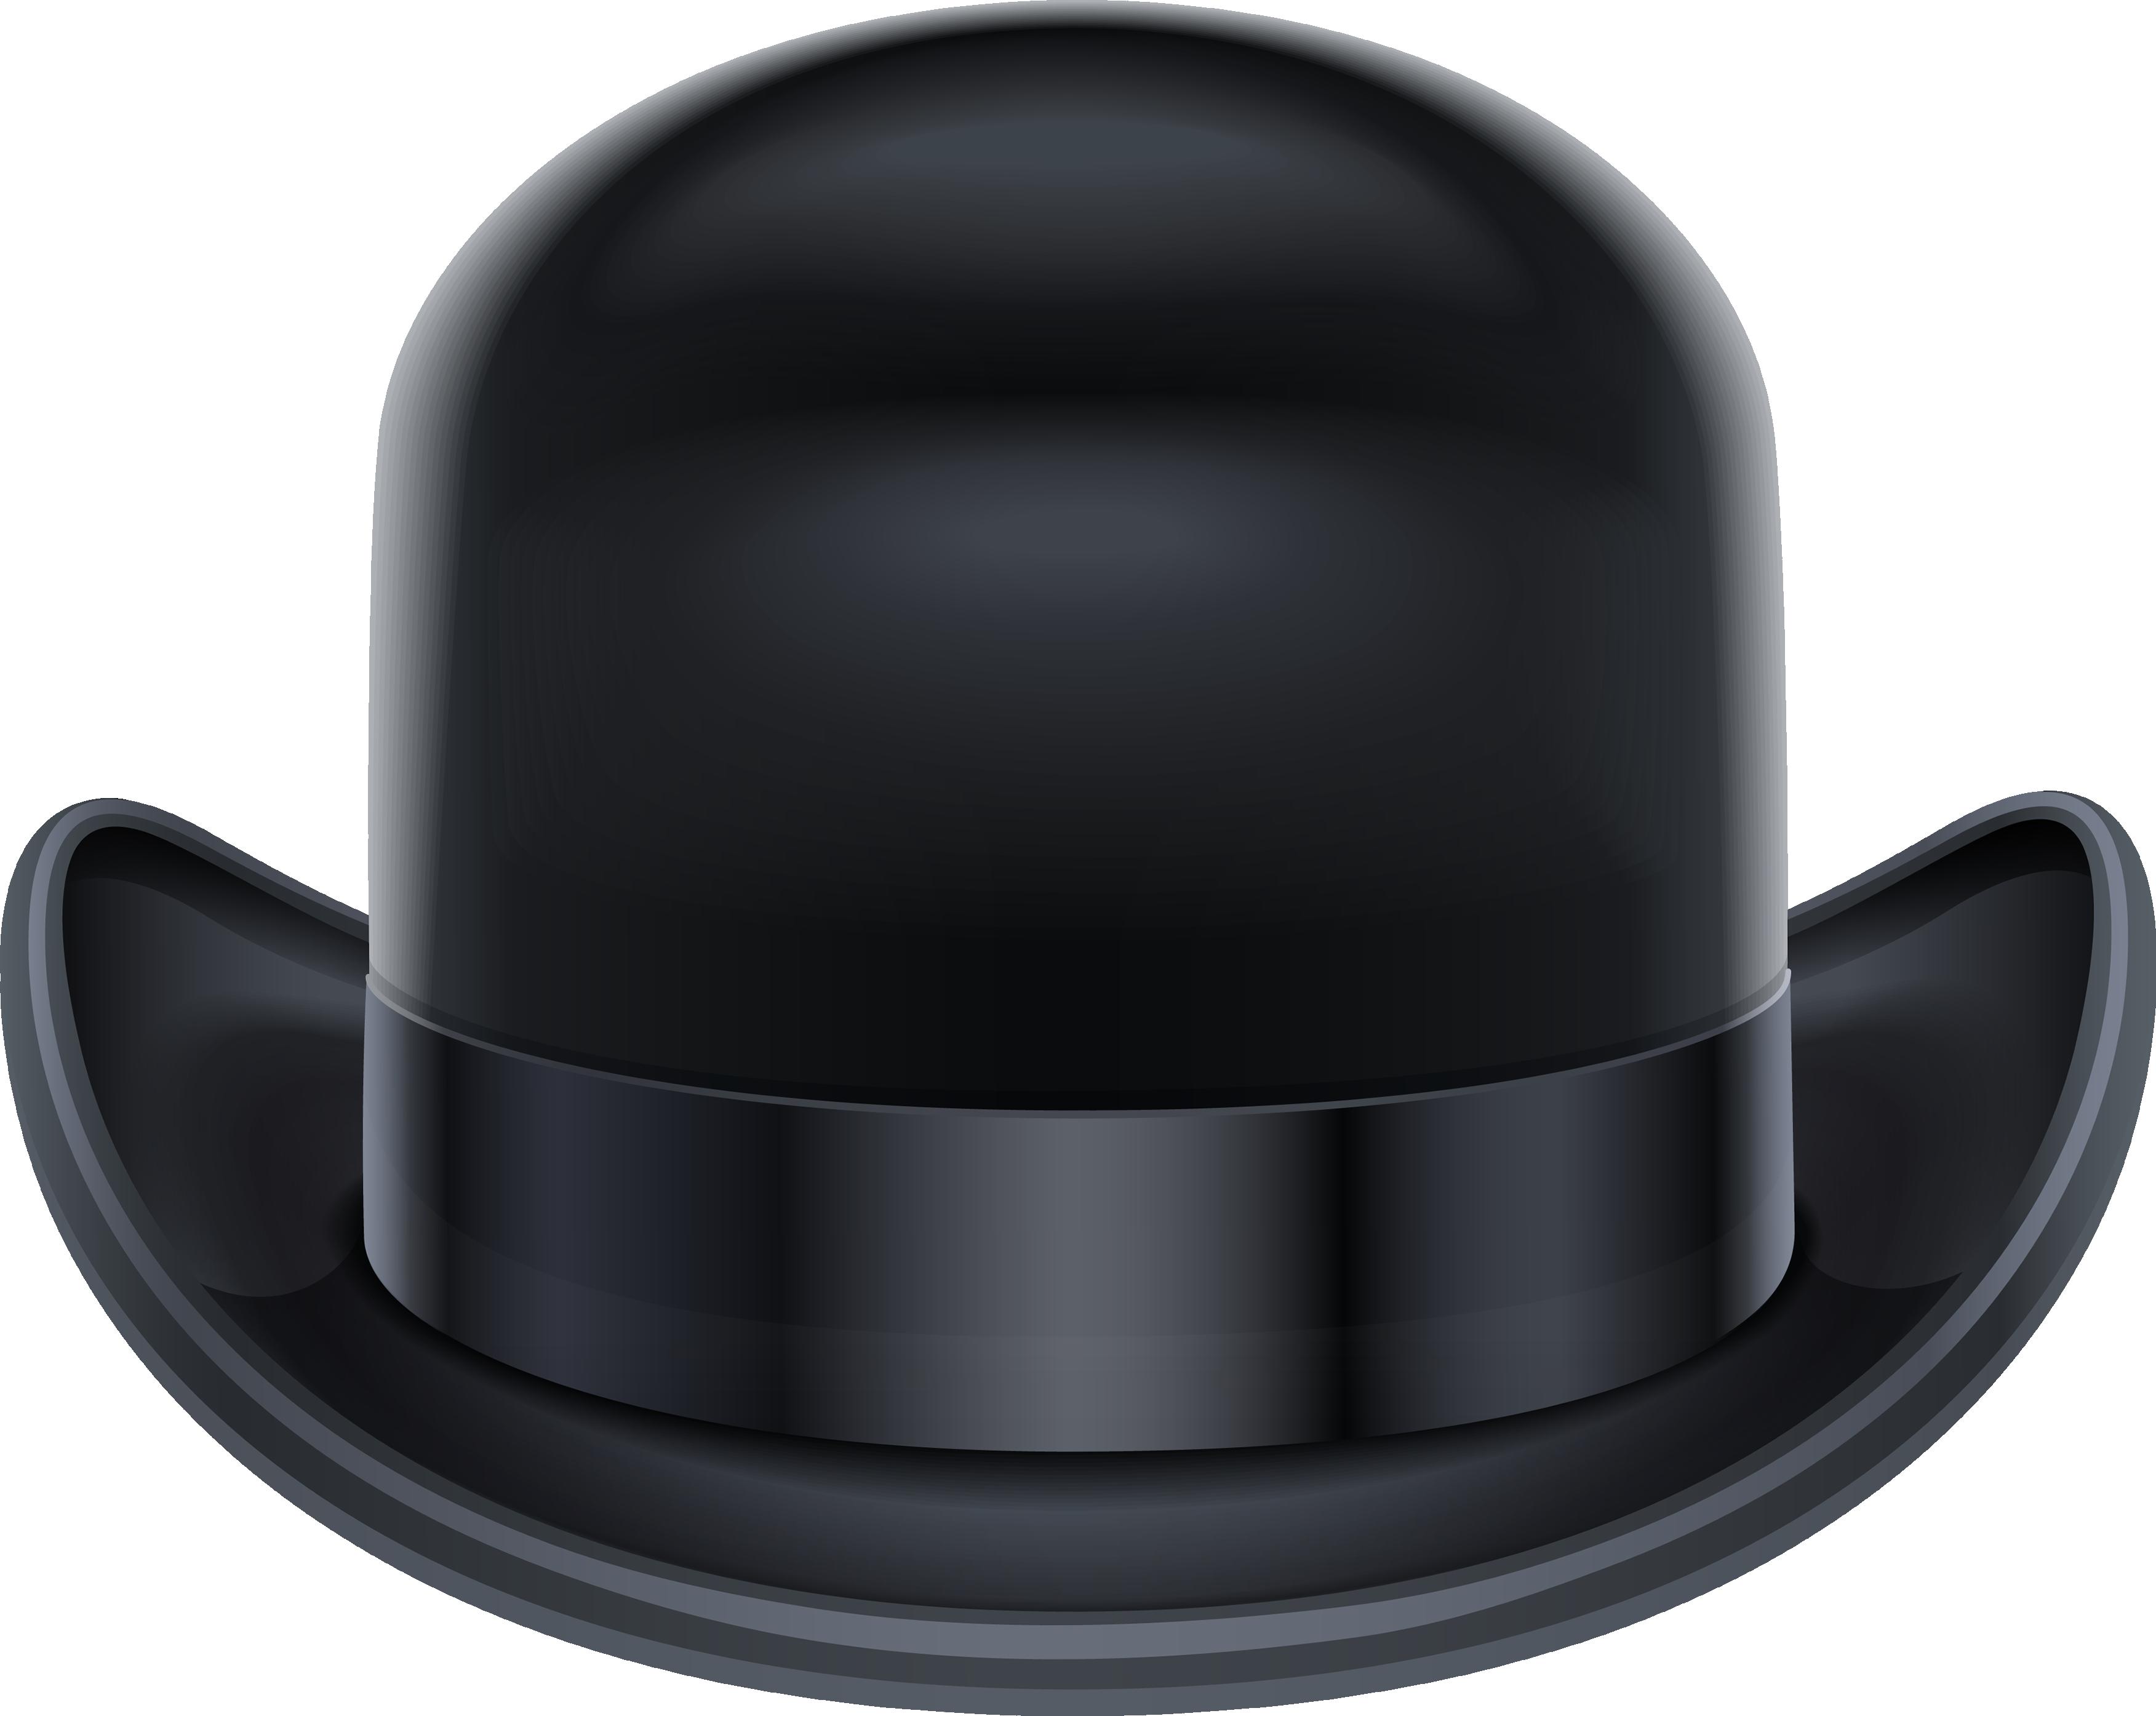 Bowler png image purepng. Potato clipart hat